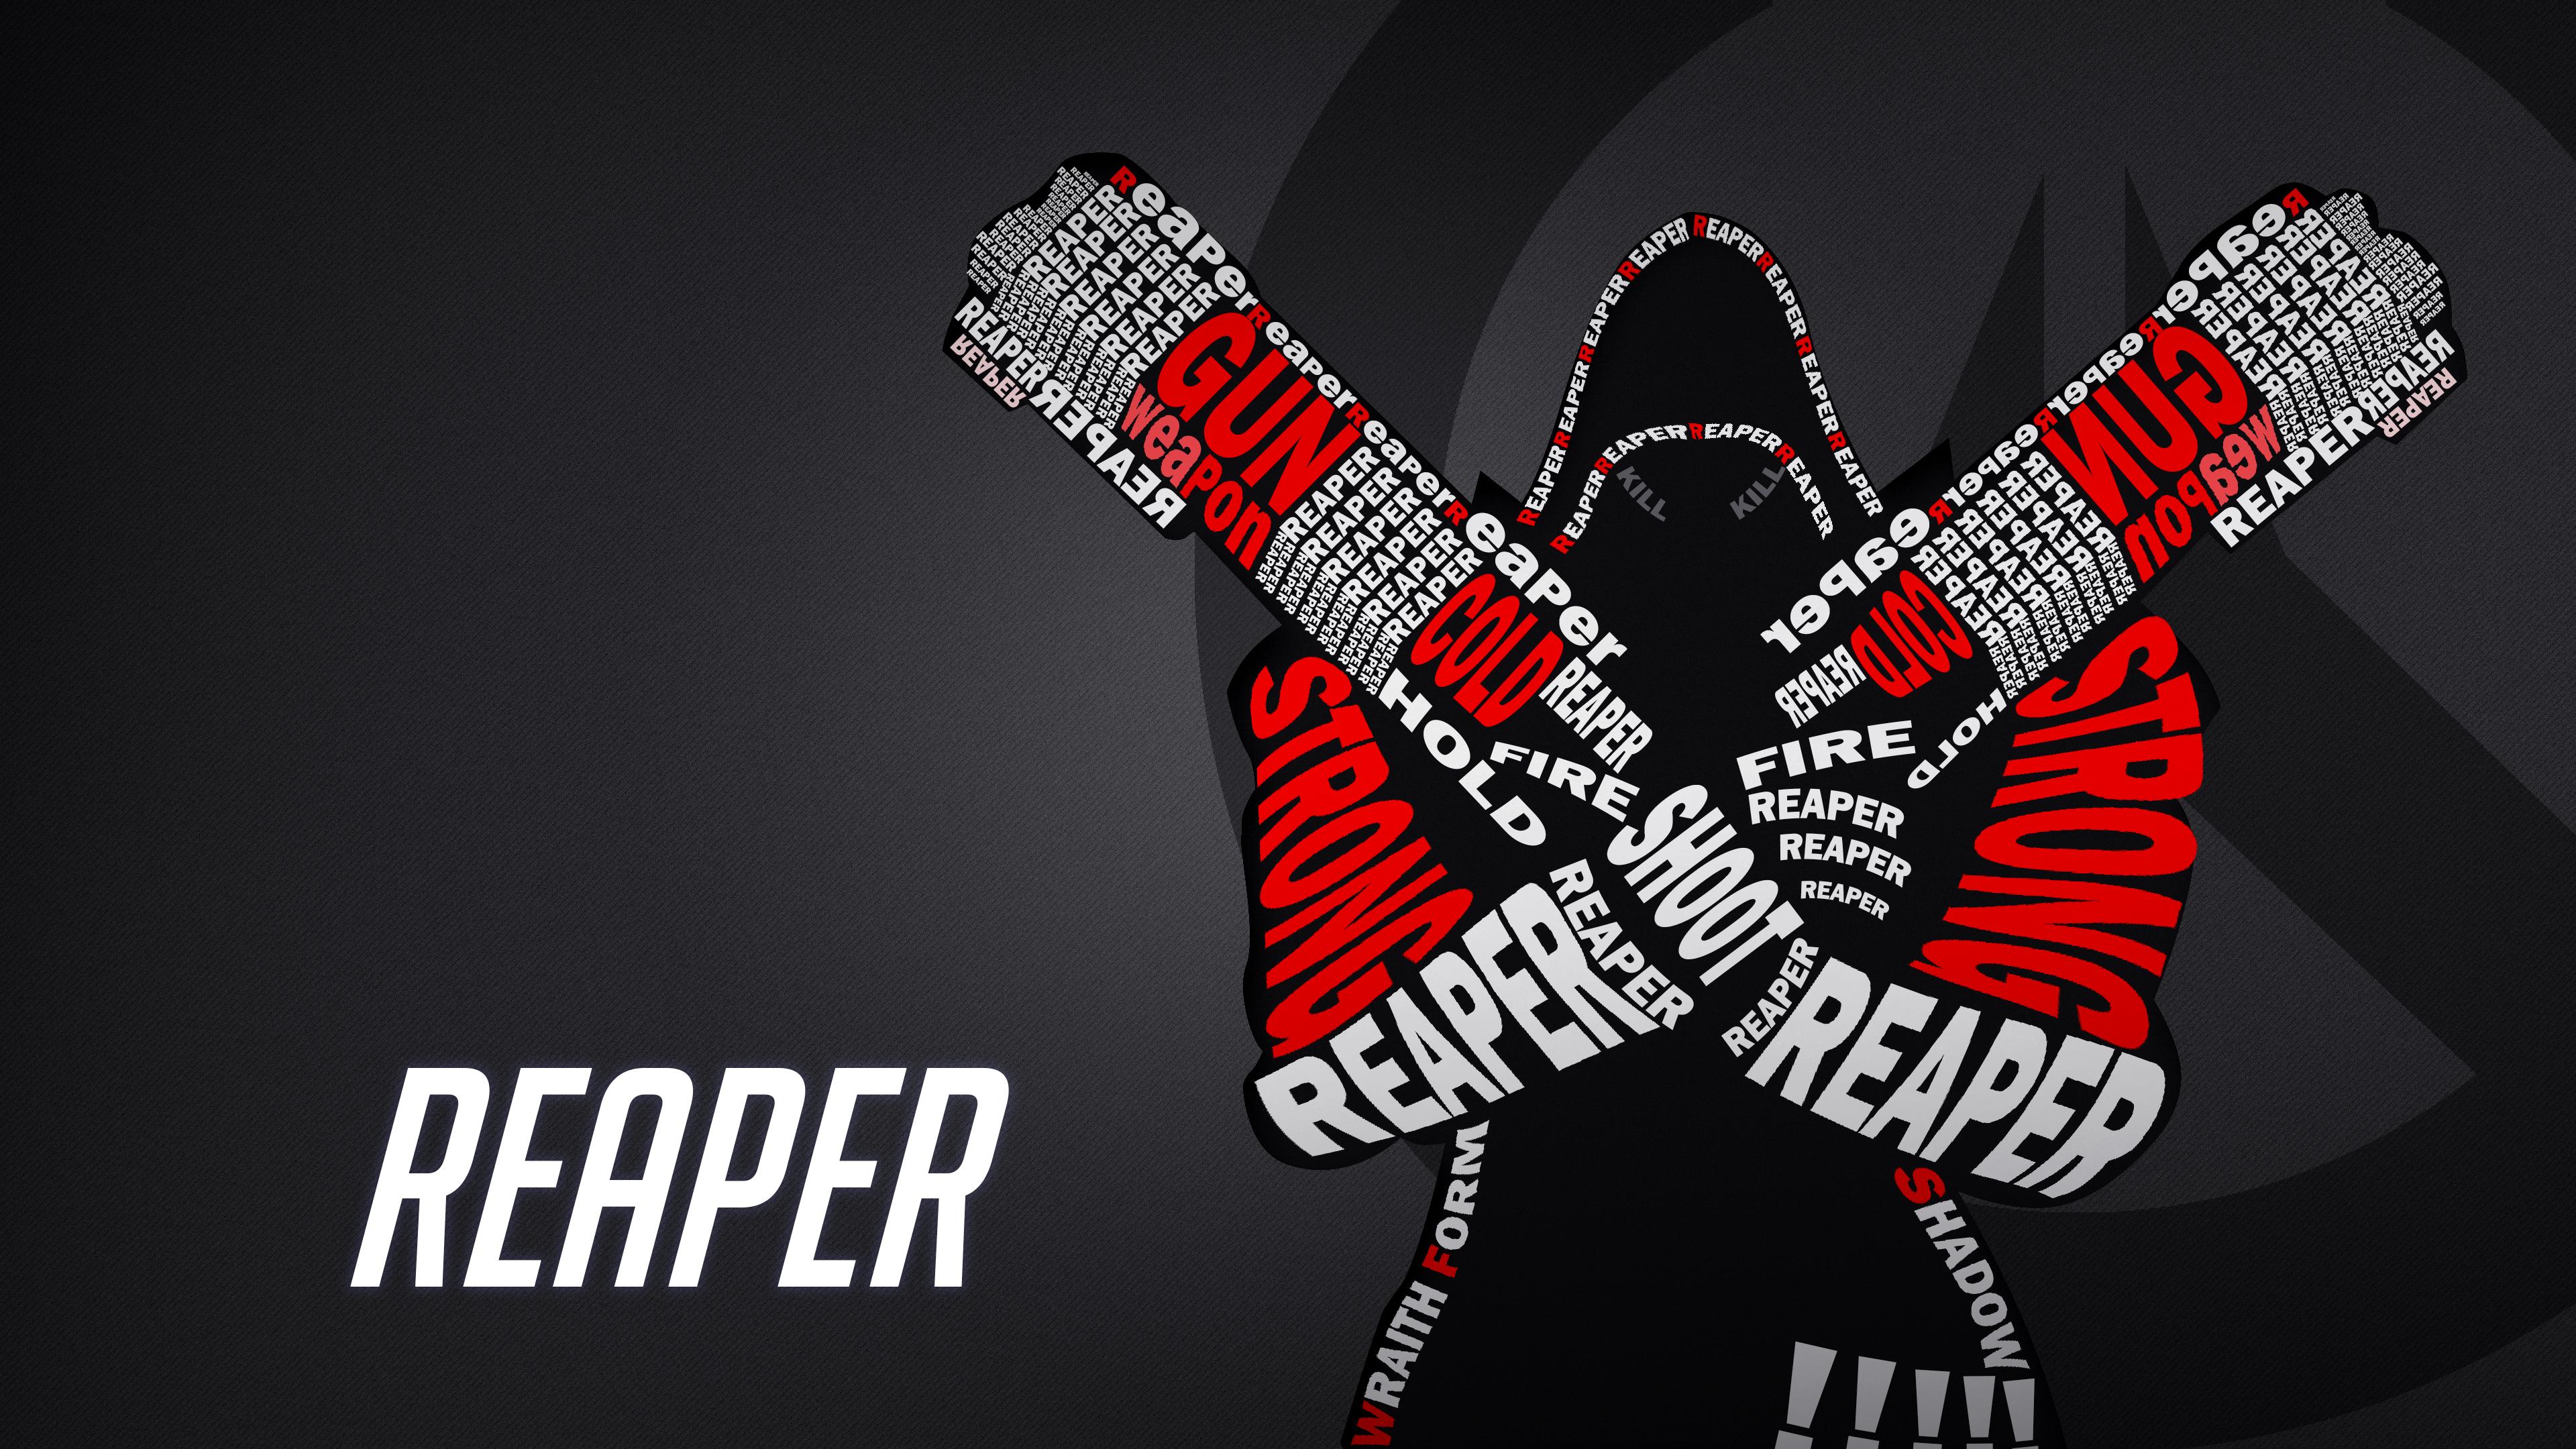 Overwatch Reaper Wallpaper By Atroxcze On Deviantart